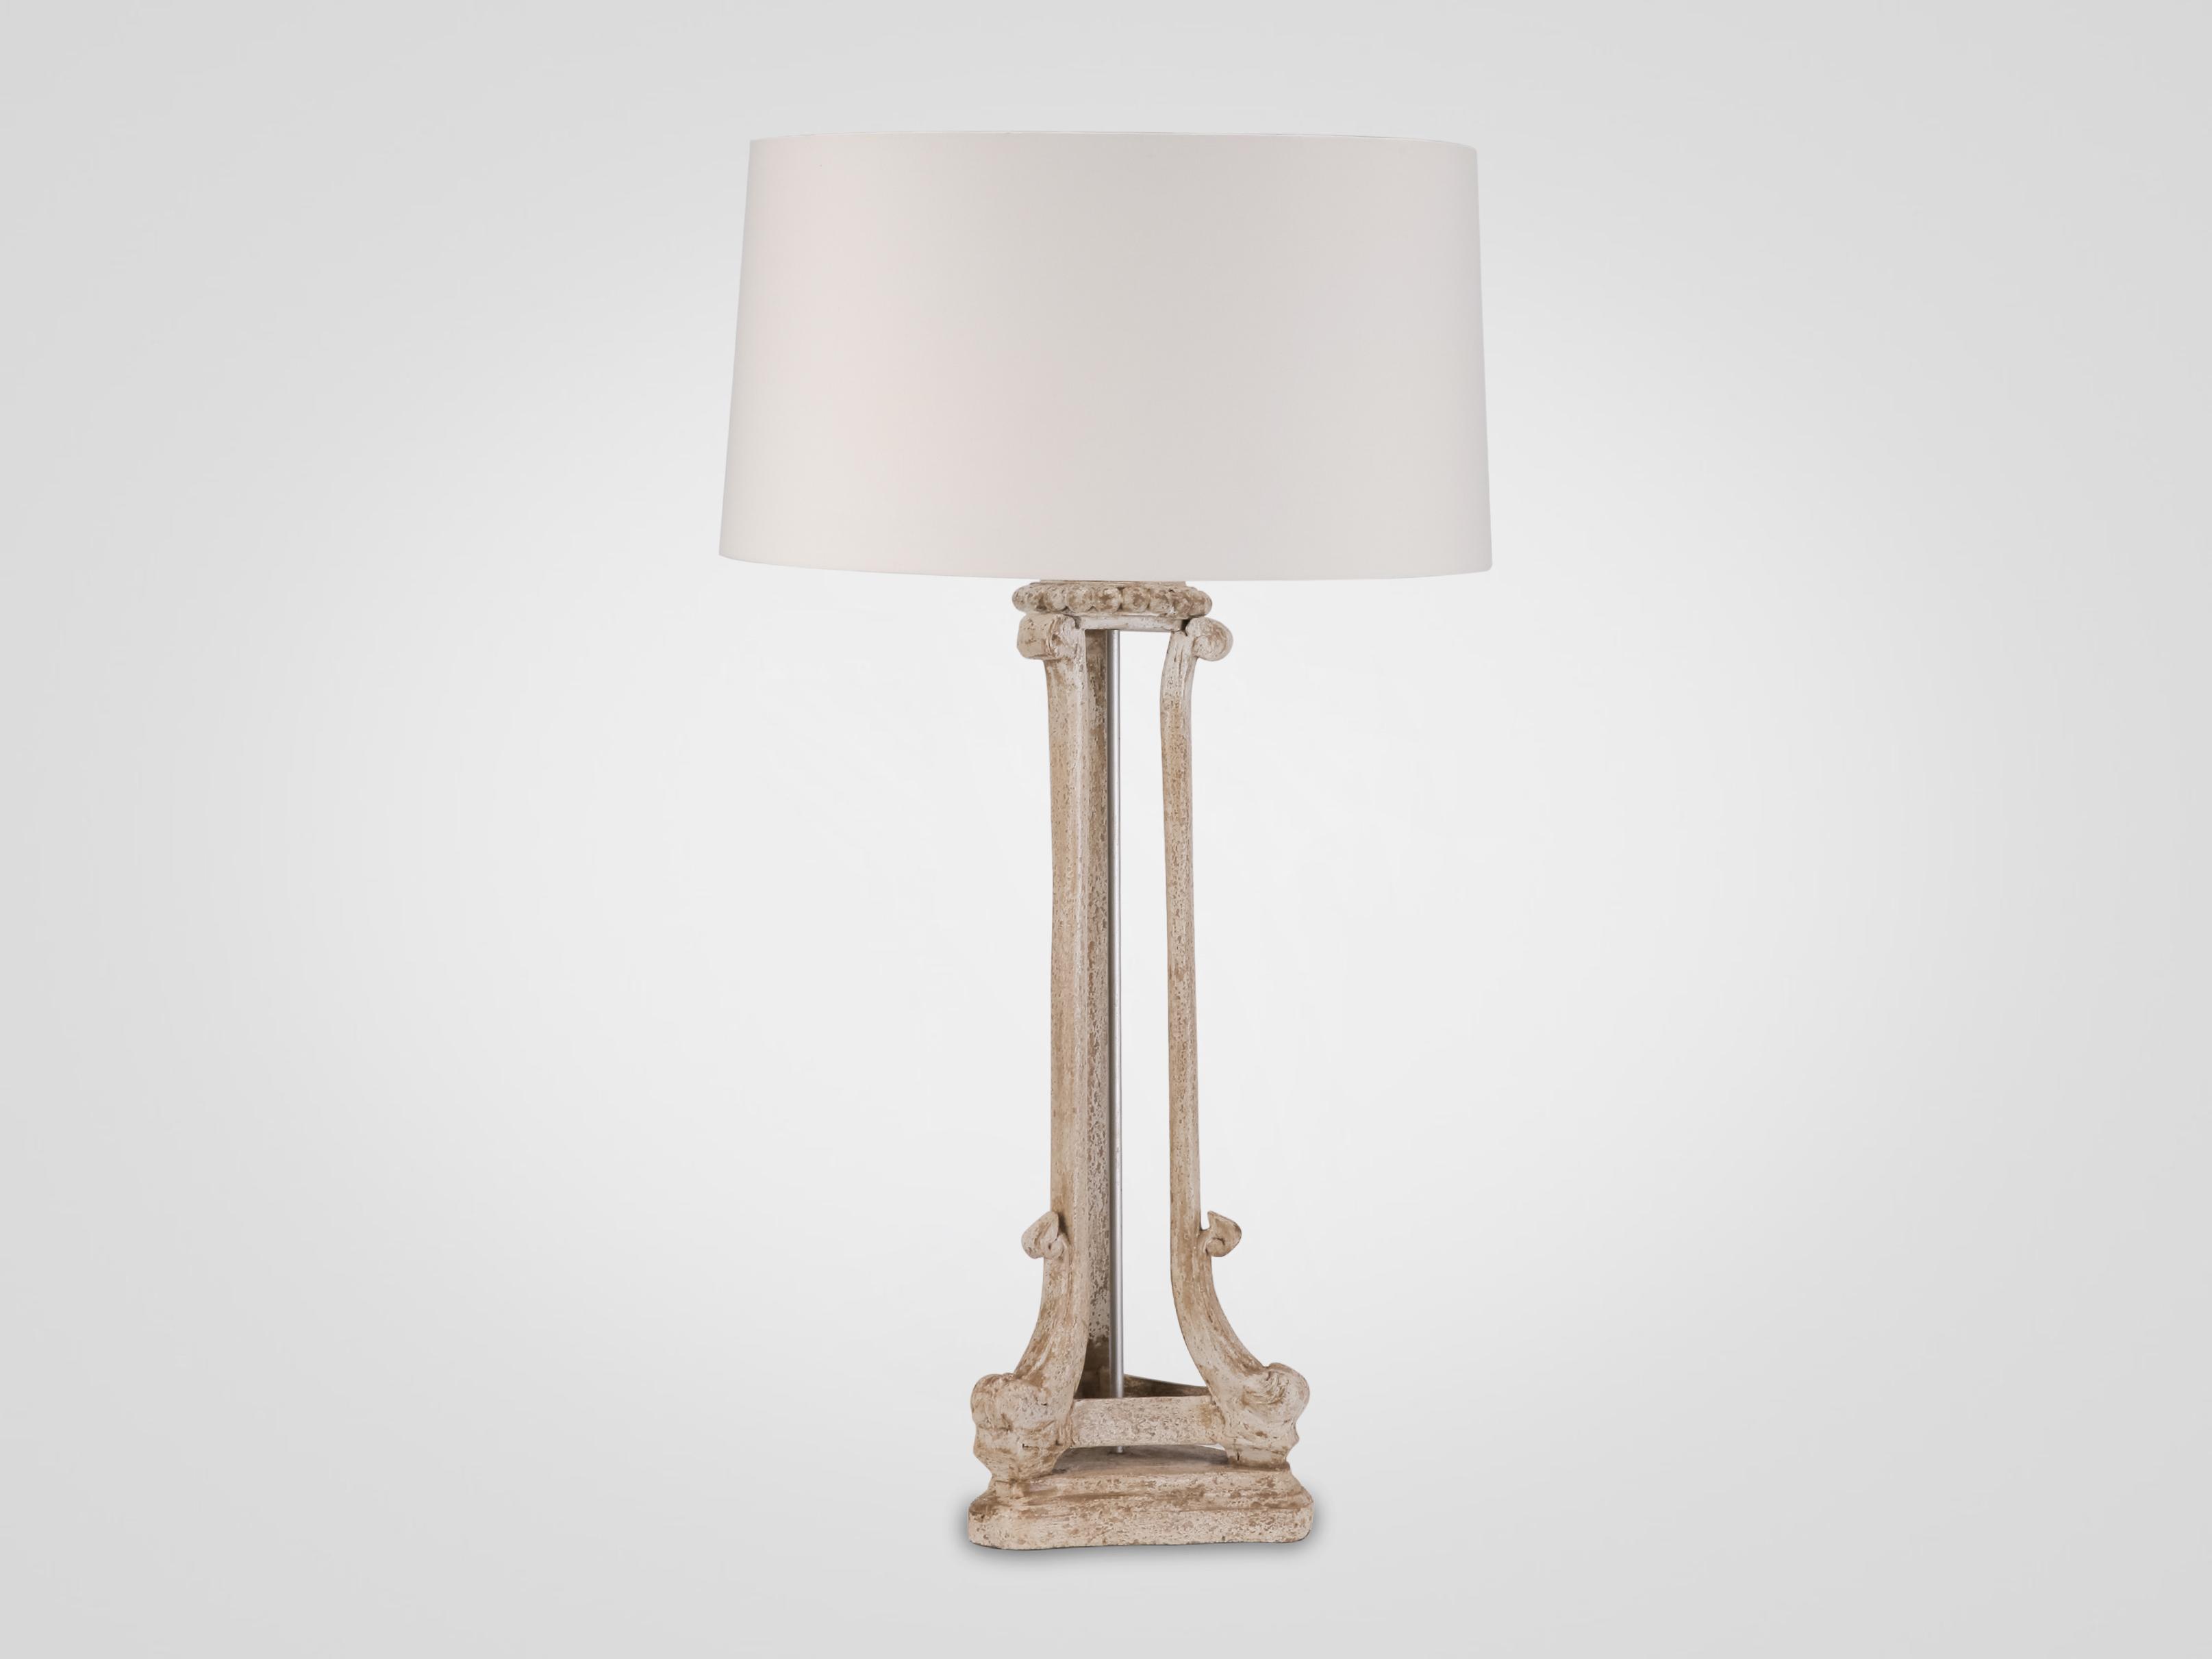 Купить Лампа настольная в стиле прованс на резной ножке, inmyroom, Индонезия